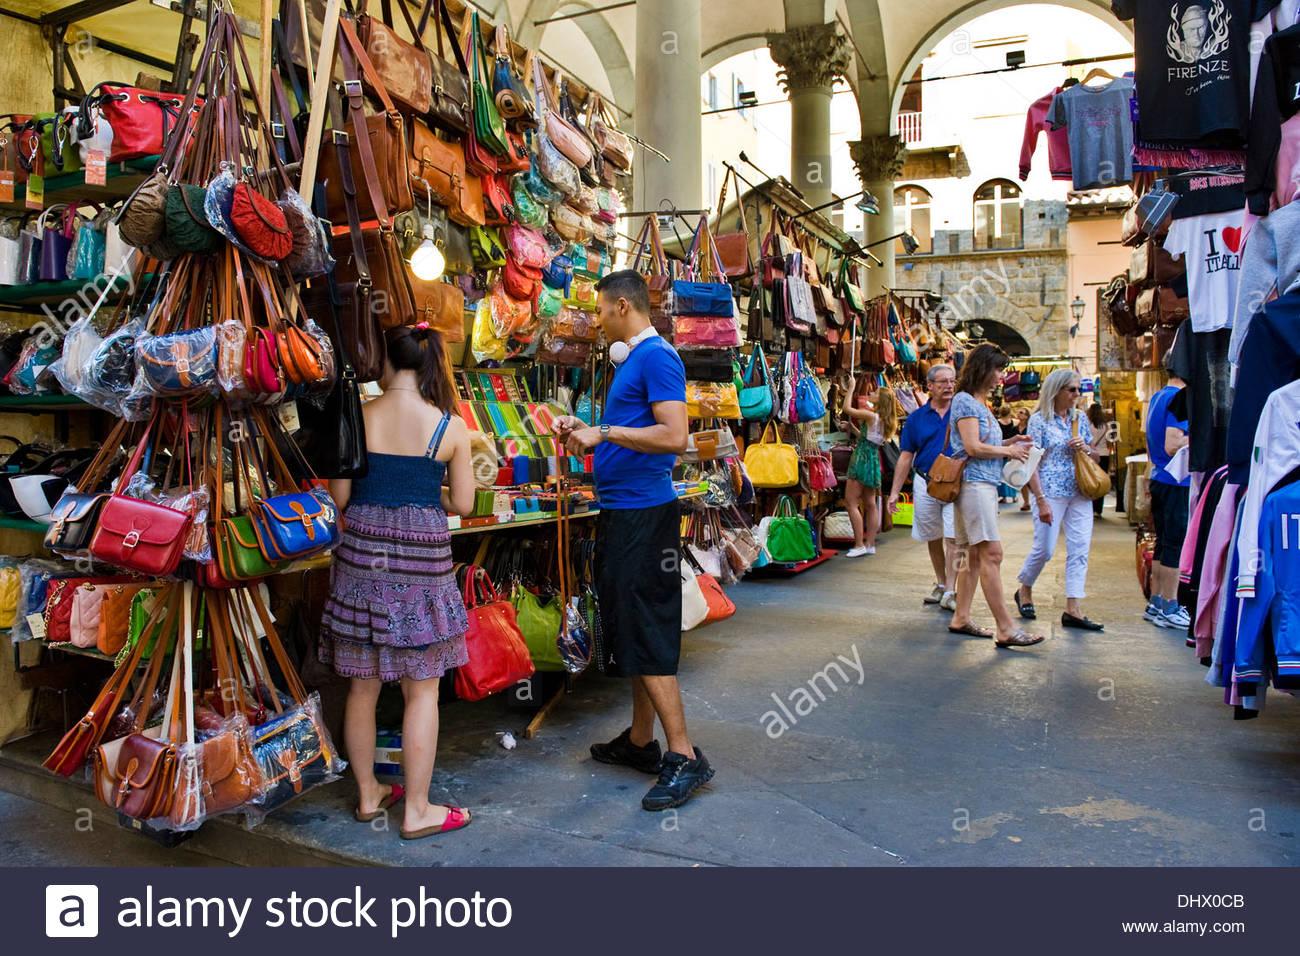 loggia del porcellino,loggia del mercato nuovo,florence - Stock Image